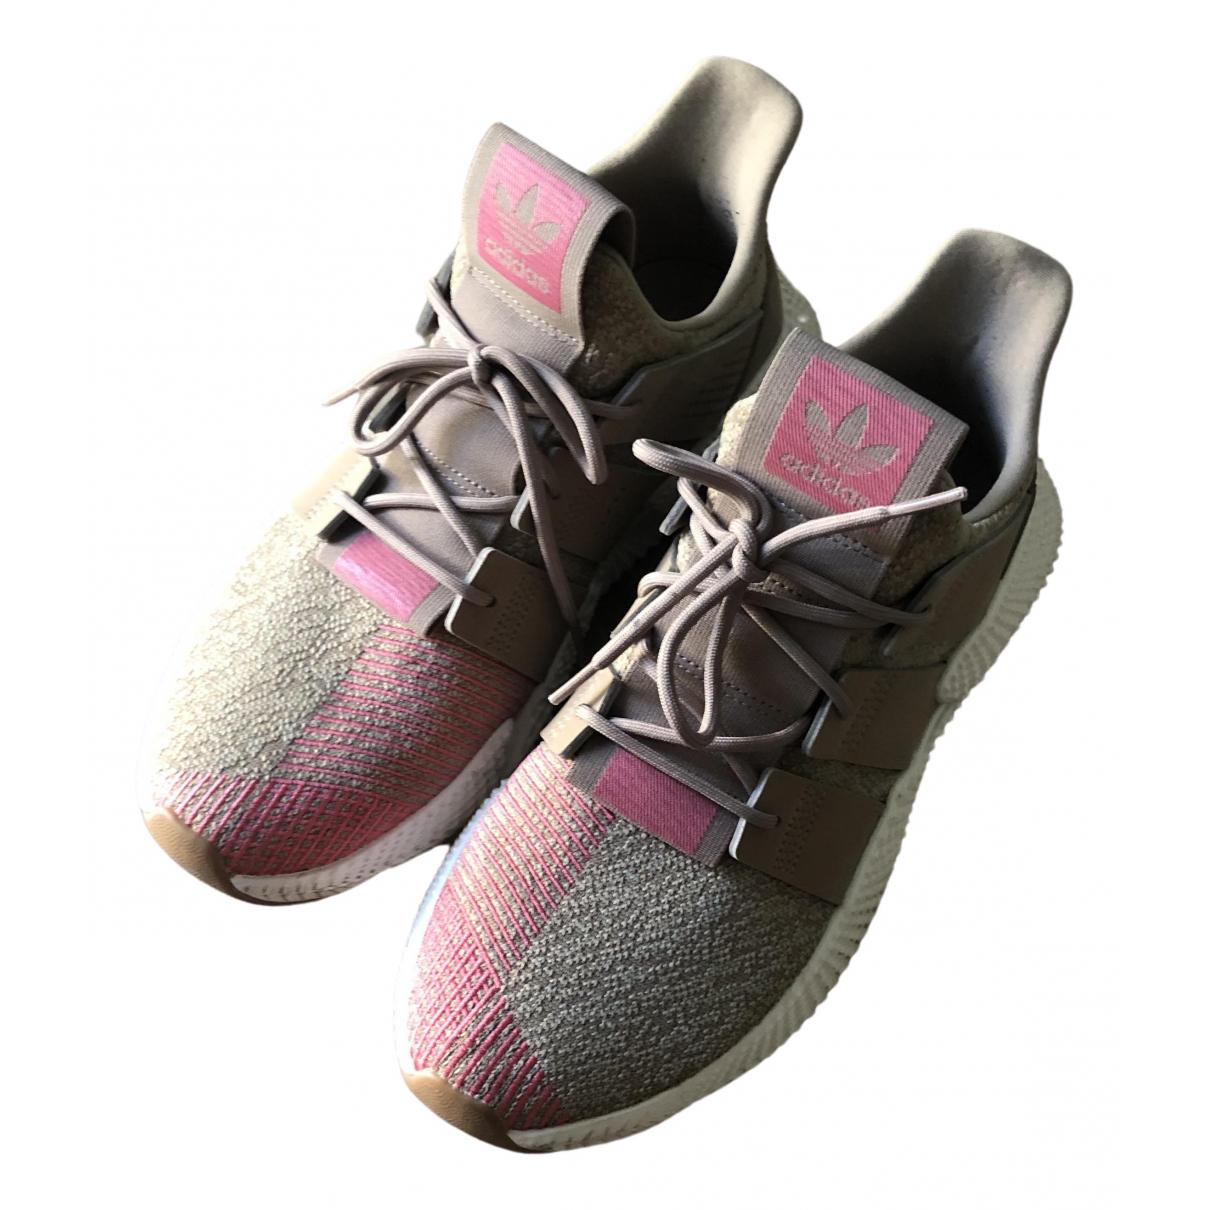 Adidas - Baskets   pour homme en autre - beige